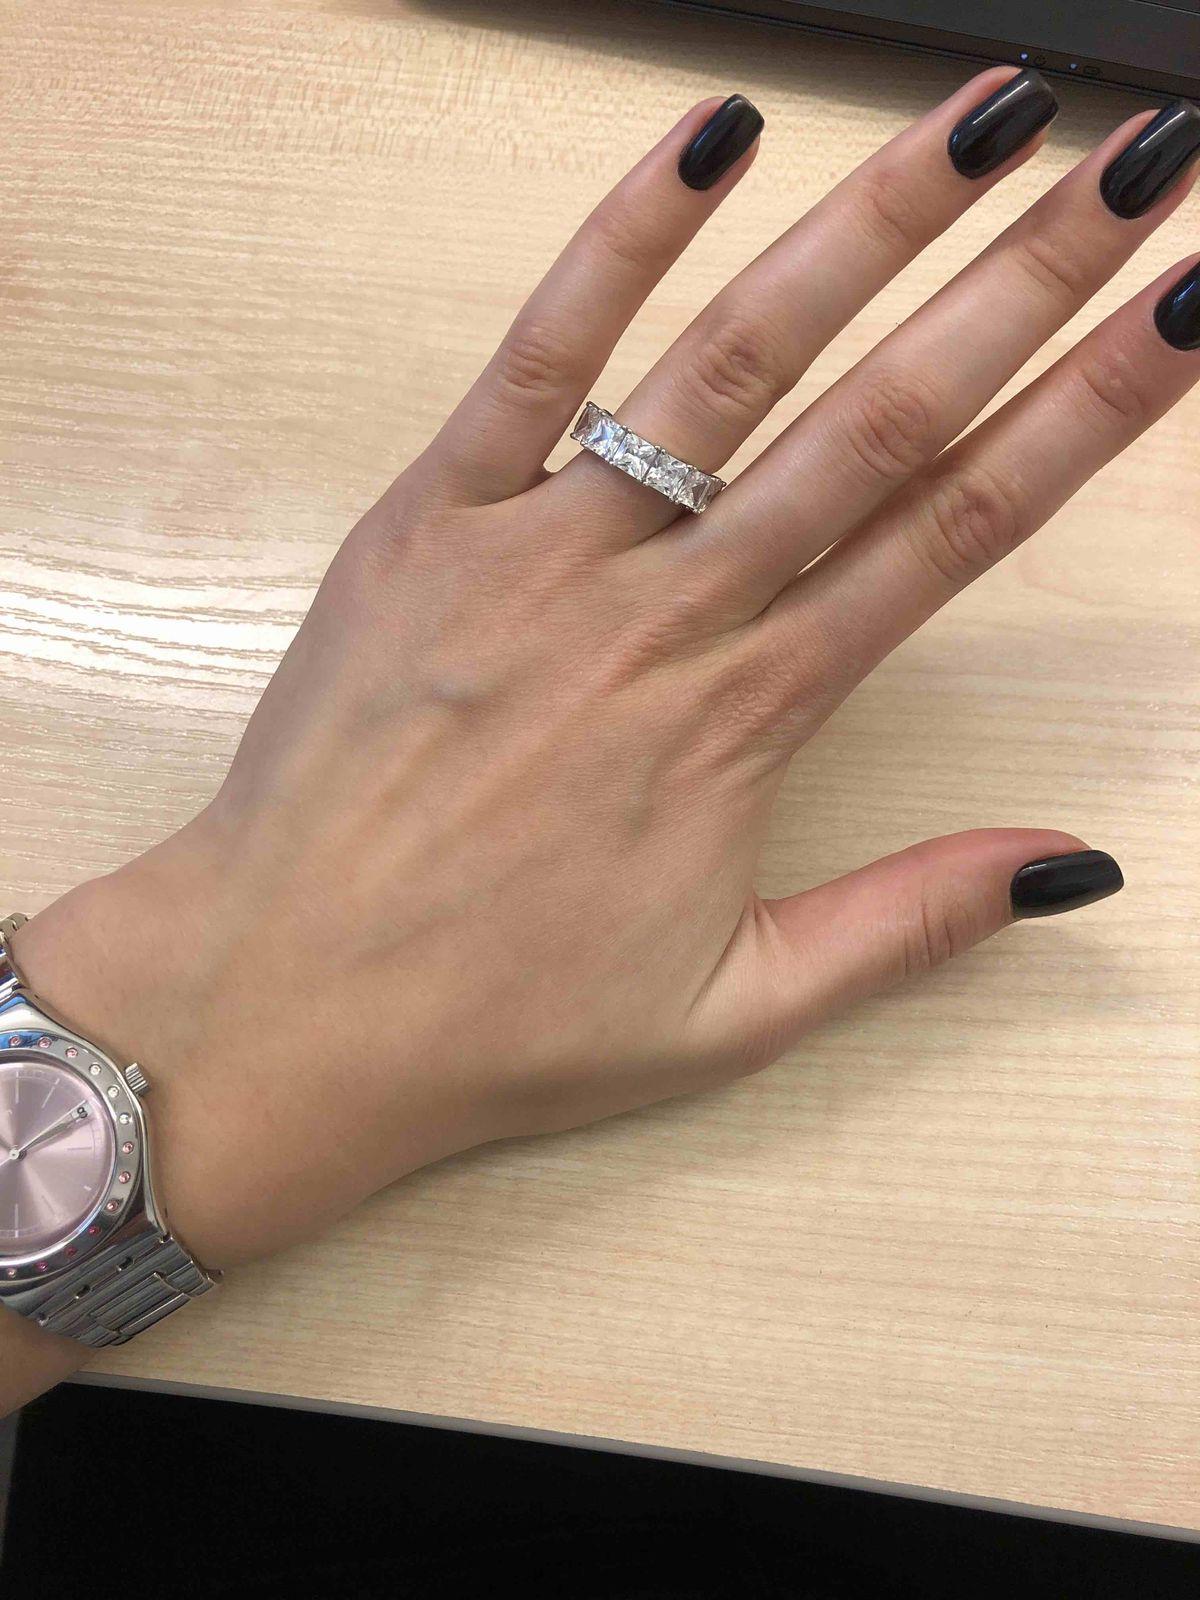 Давно хотела , купила к серьгам кольцо